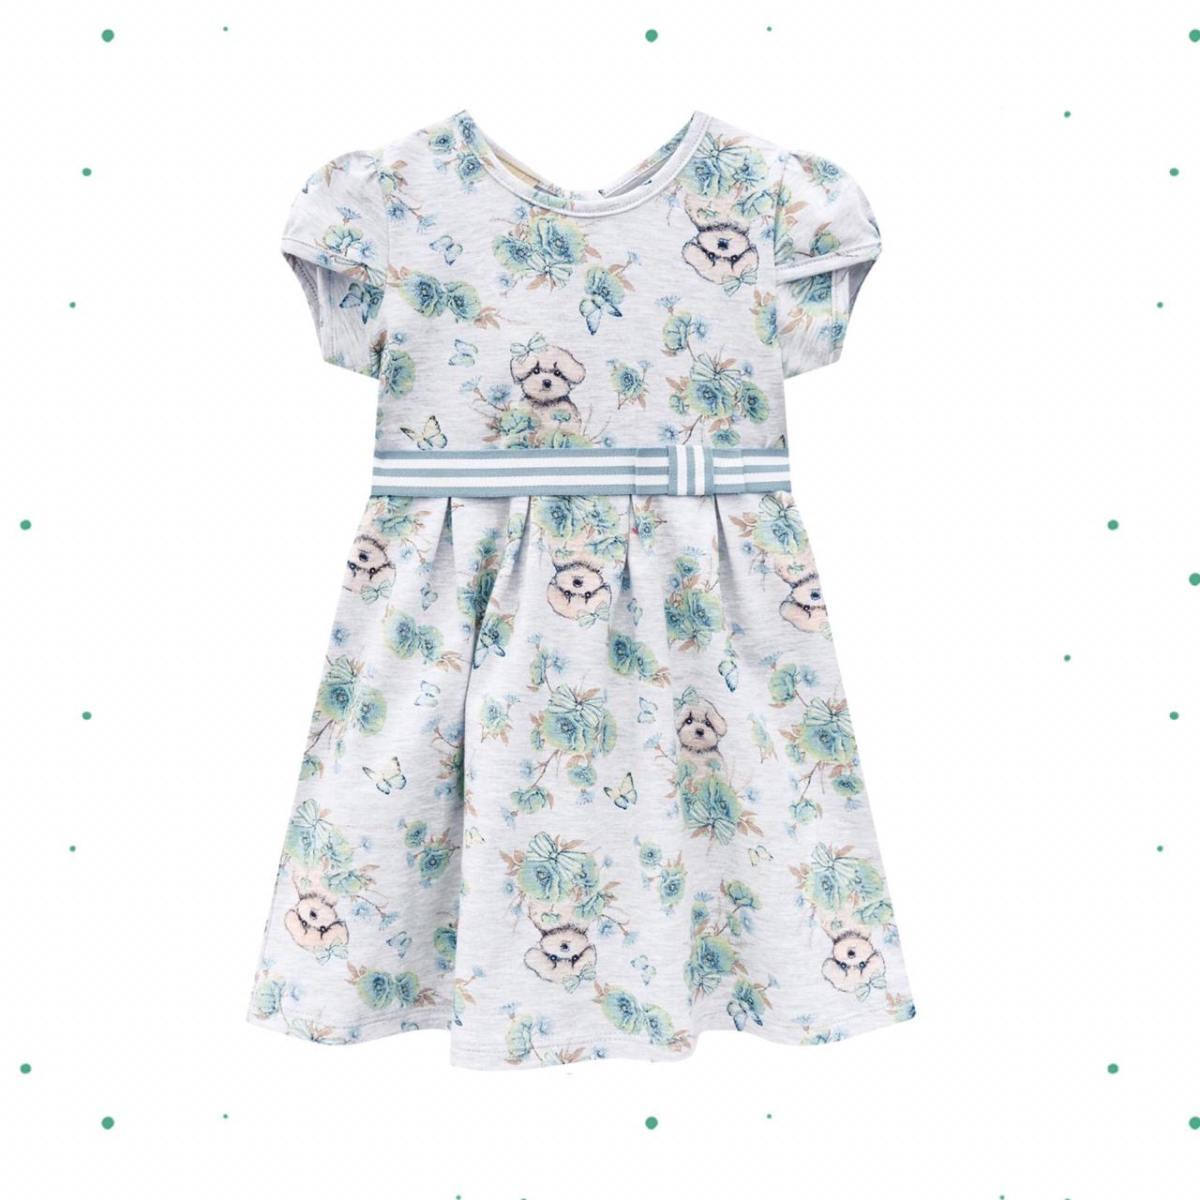 Vestido Infantil Milon em Cotton Mescla White